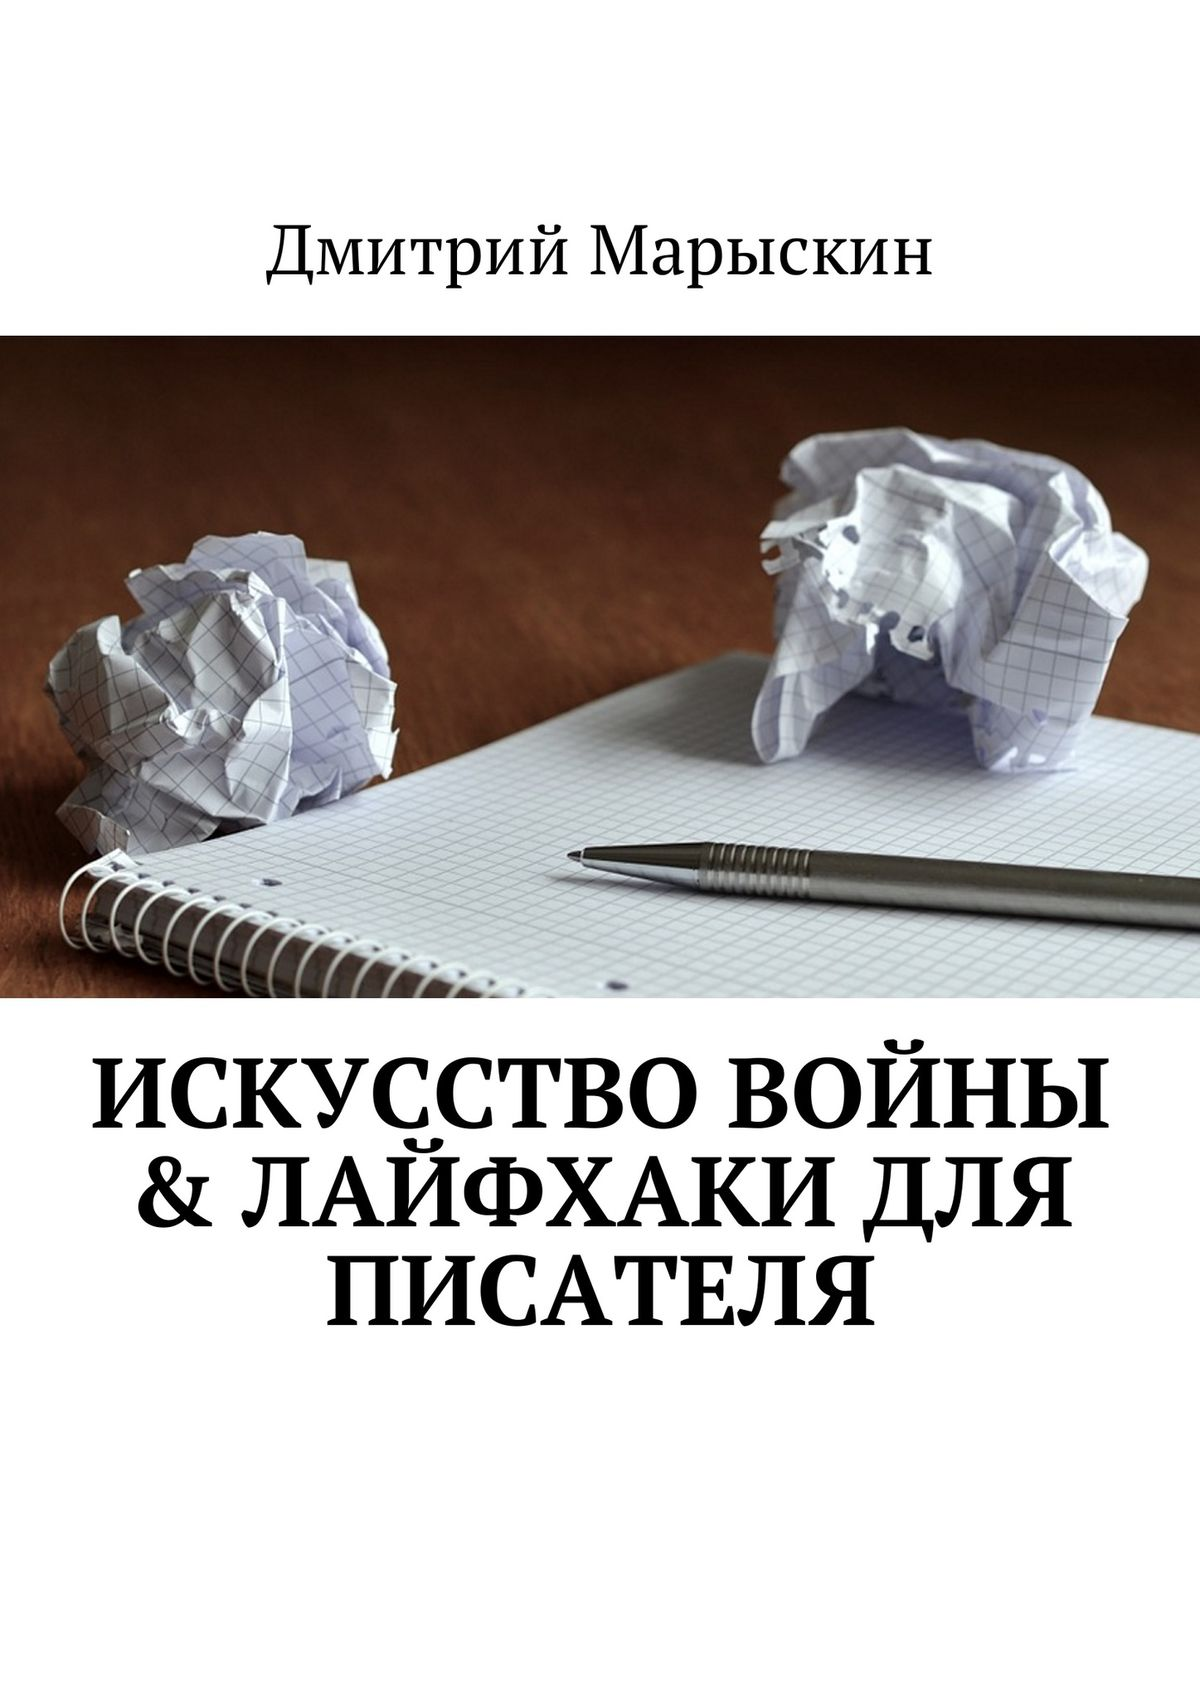 Дмитрий Марыскин Искусство войны & Лайфхаки для писателя эксмо государь искусство войны